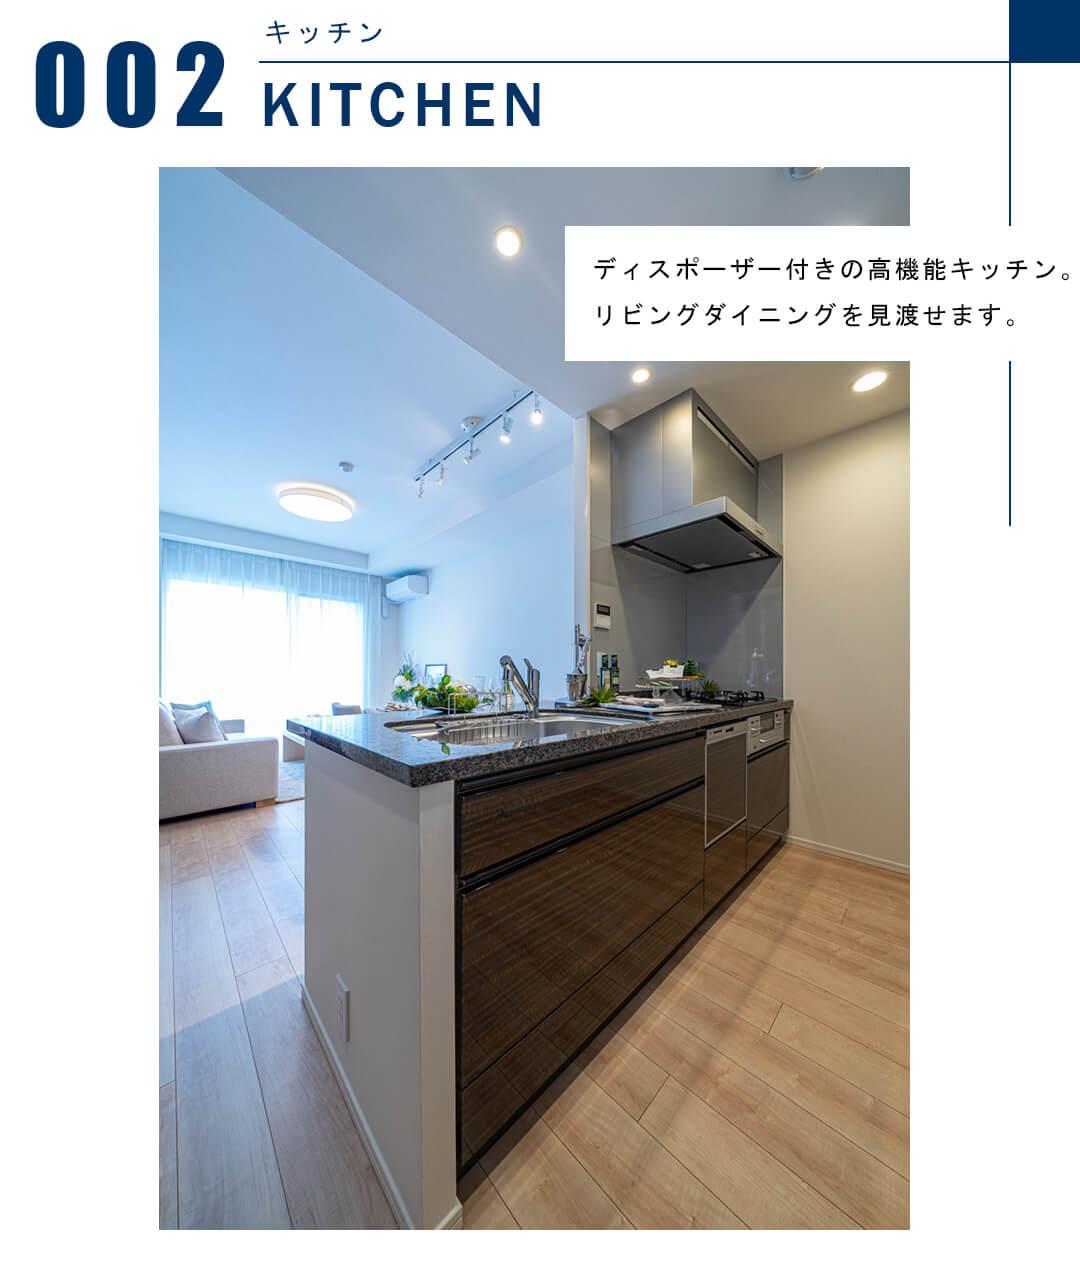 シティタワーズ東京ベイセントラルタワーのキッチン